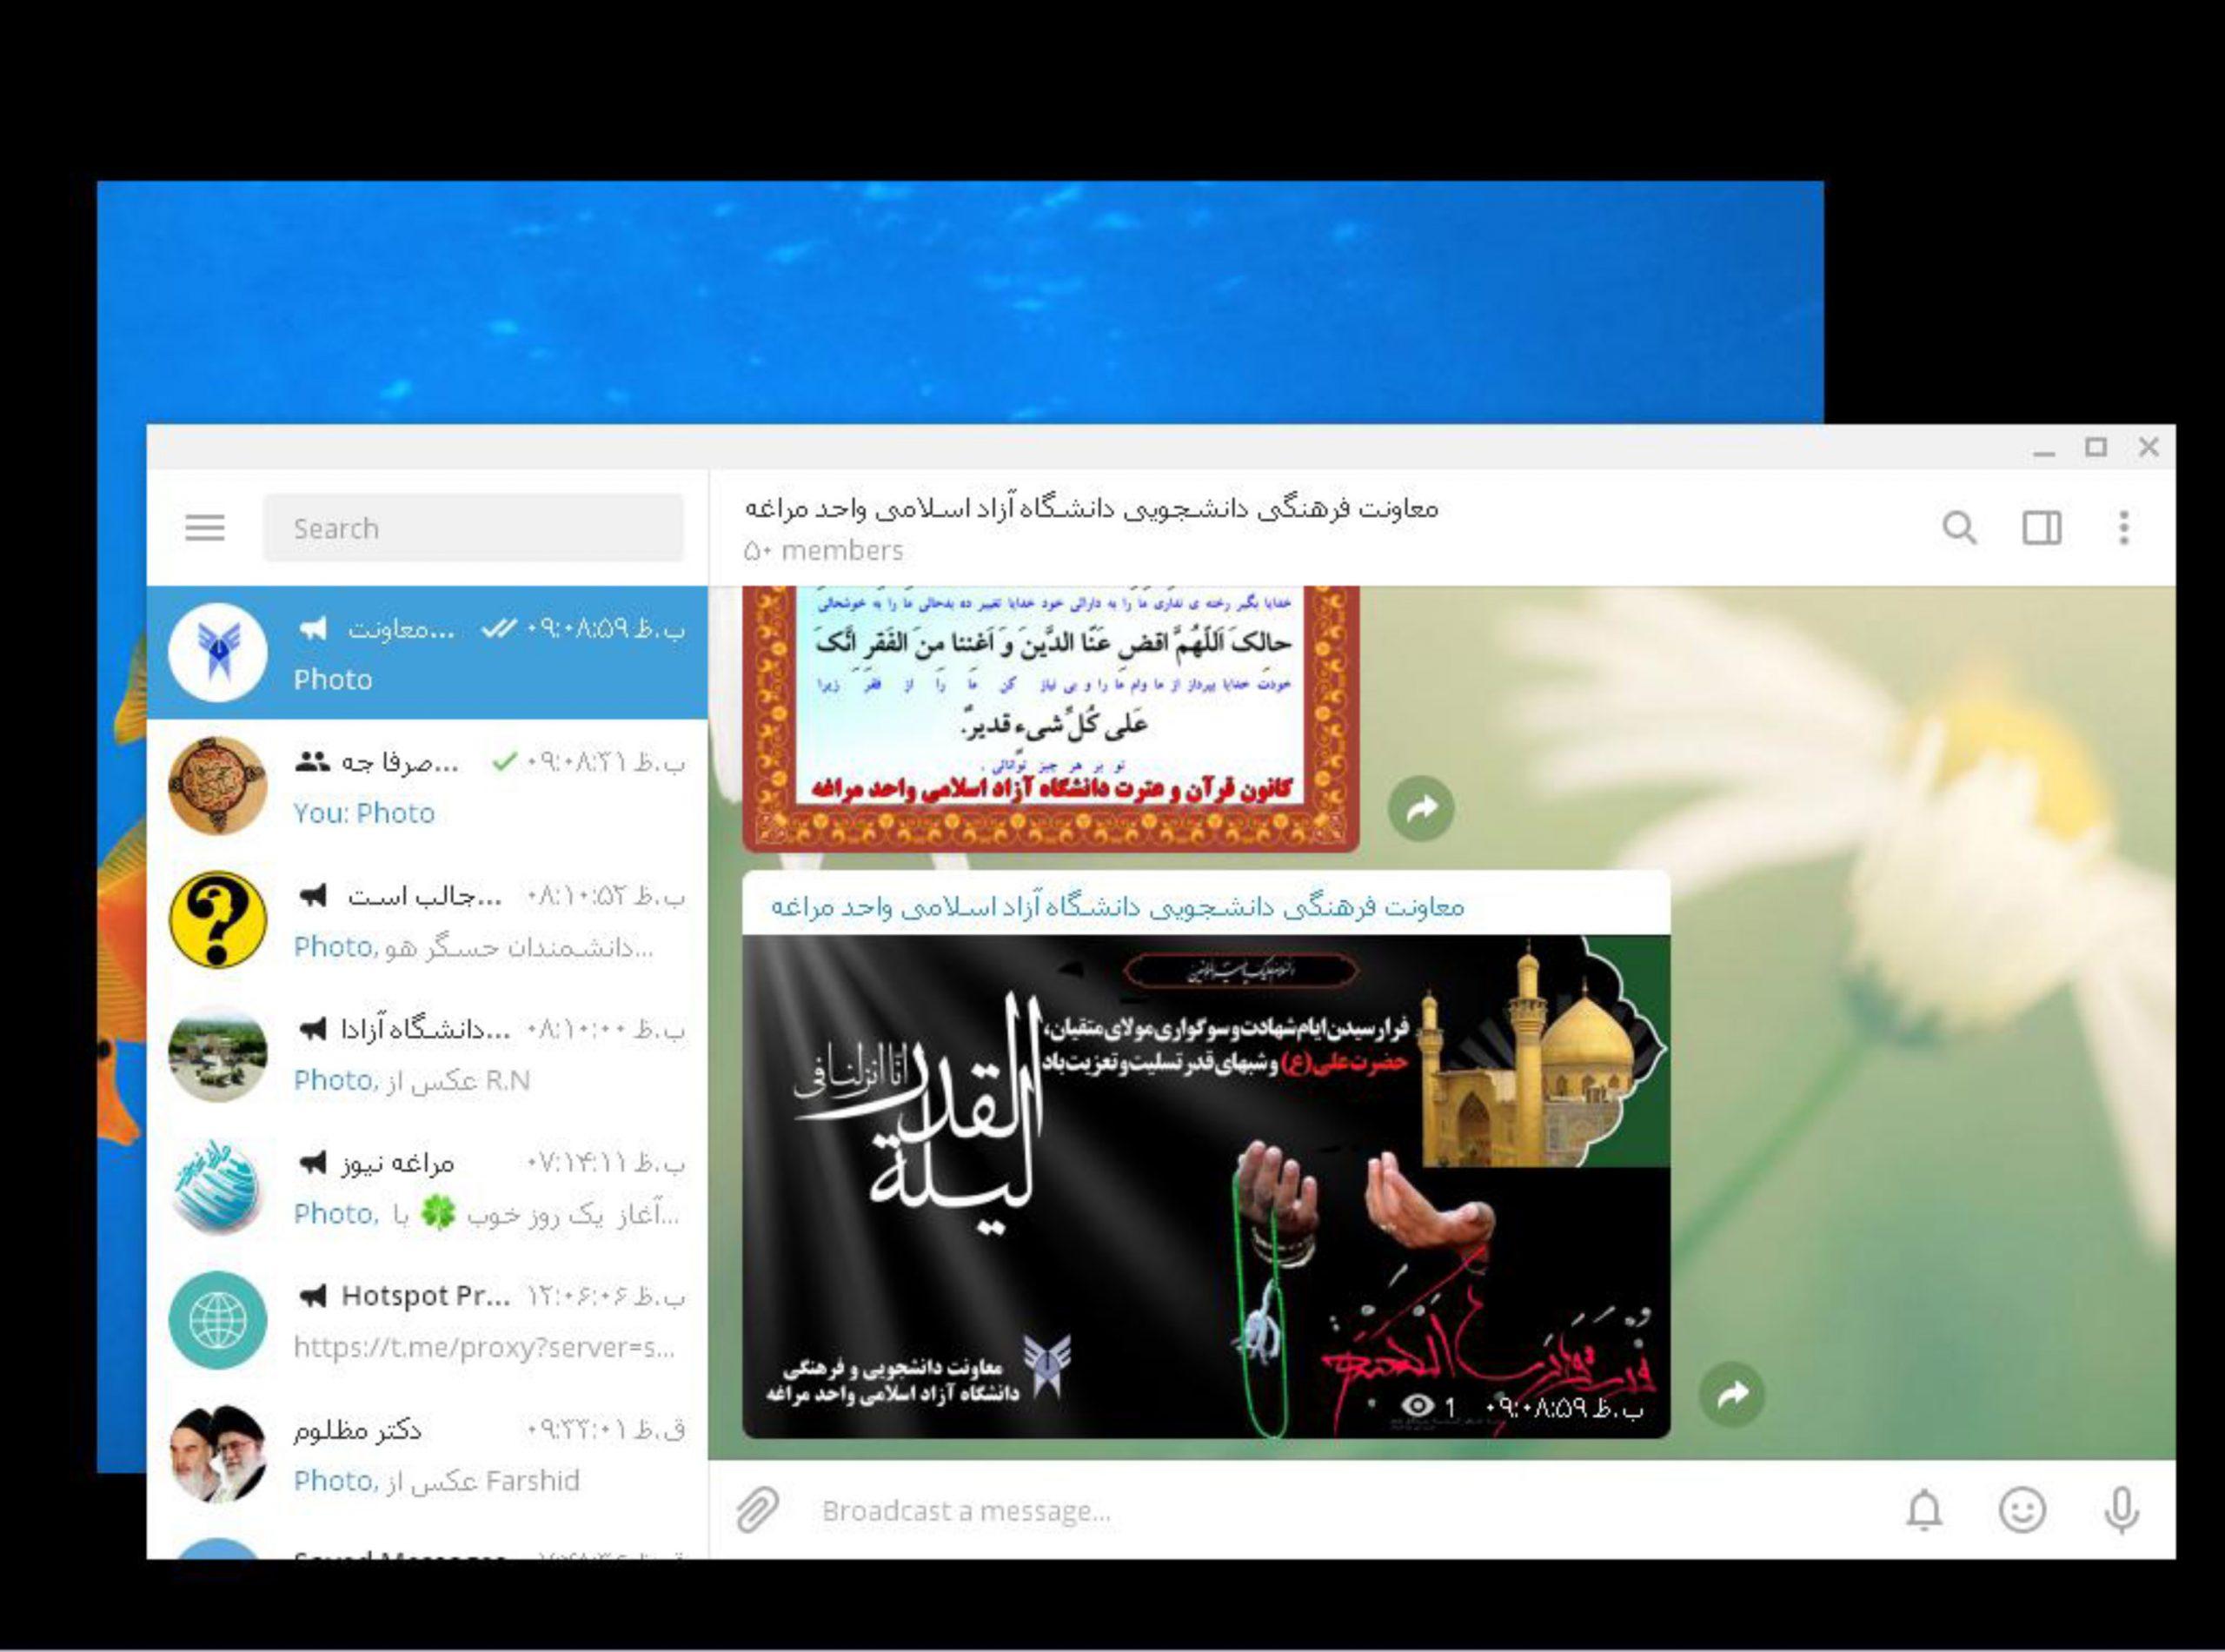 انجام فعالیتهای مجازی در ماه مبارک رمضان